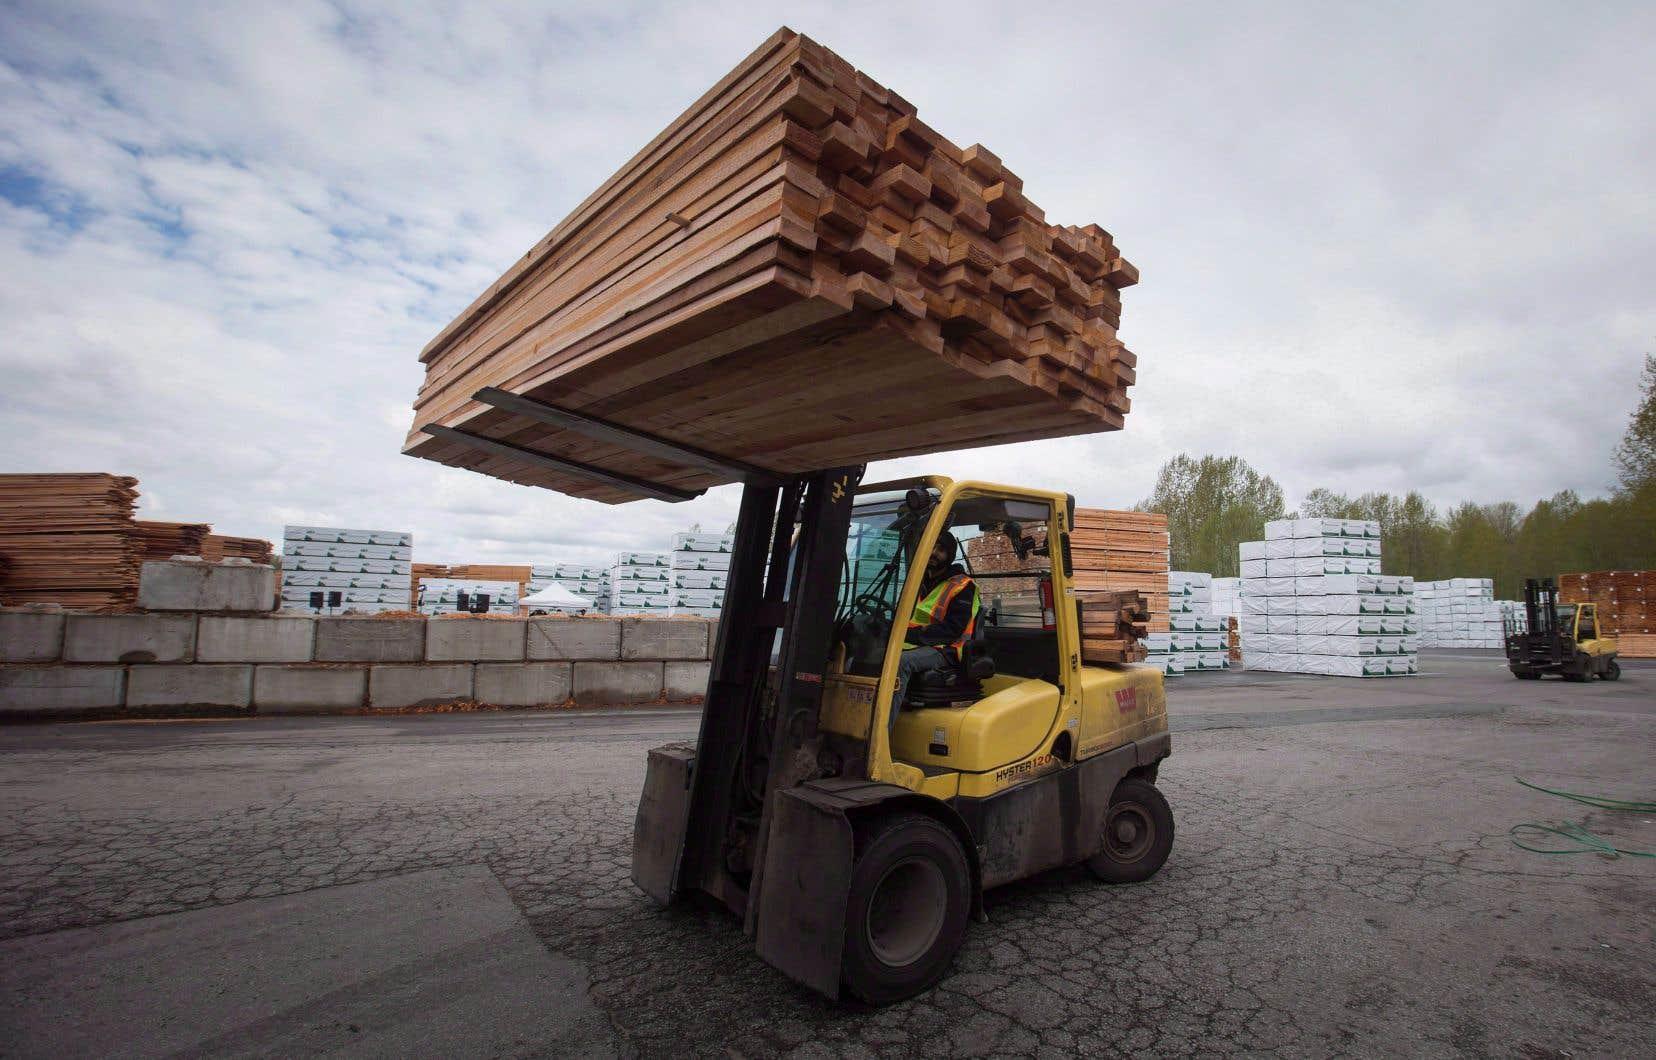 Il n'existe aucune preuve que l'industrie canadienne du bois d'œuvre nuit aux producteurs américains, affirme le comité.